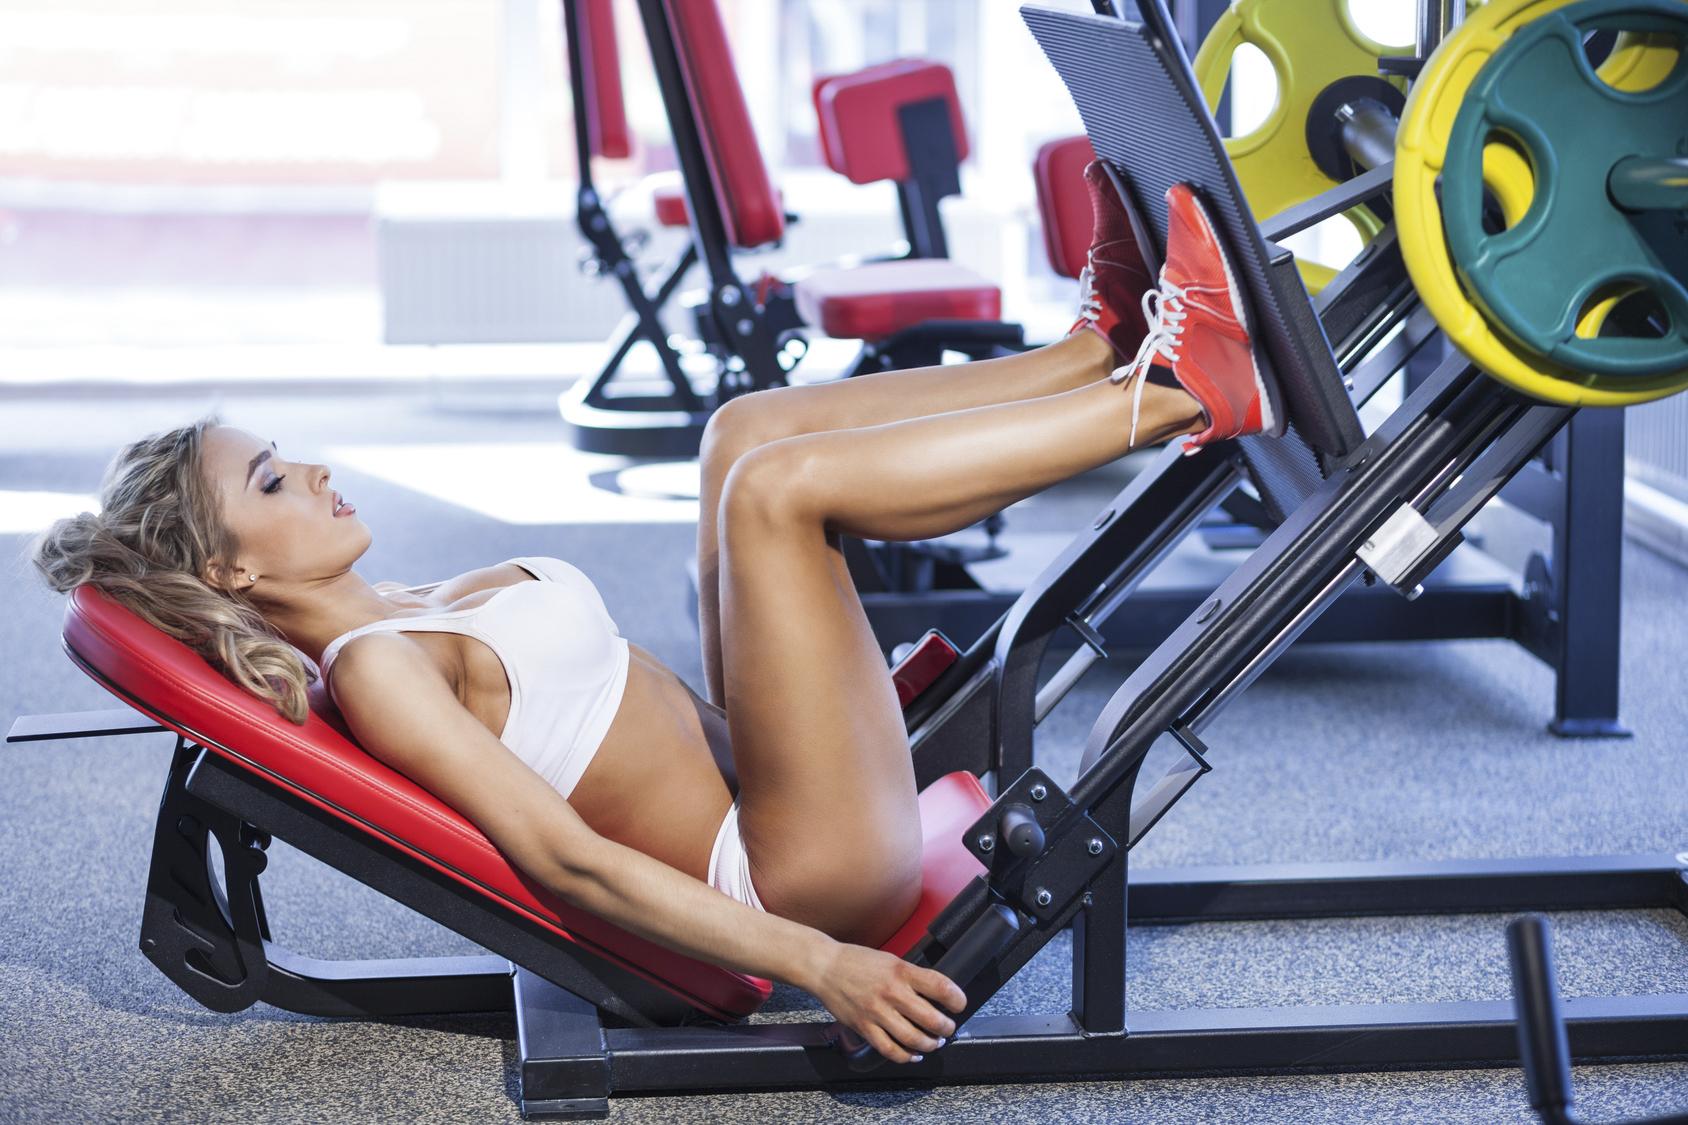 Oberschenkel-Master-Beinmuskel-Fitnessger/äte f/ür Taille H/üften mlxg Multifunktions-Fitness-Beinapparat Arme Gewichtsverlust f/ür M/änner und Frauen Oberschenkel